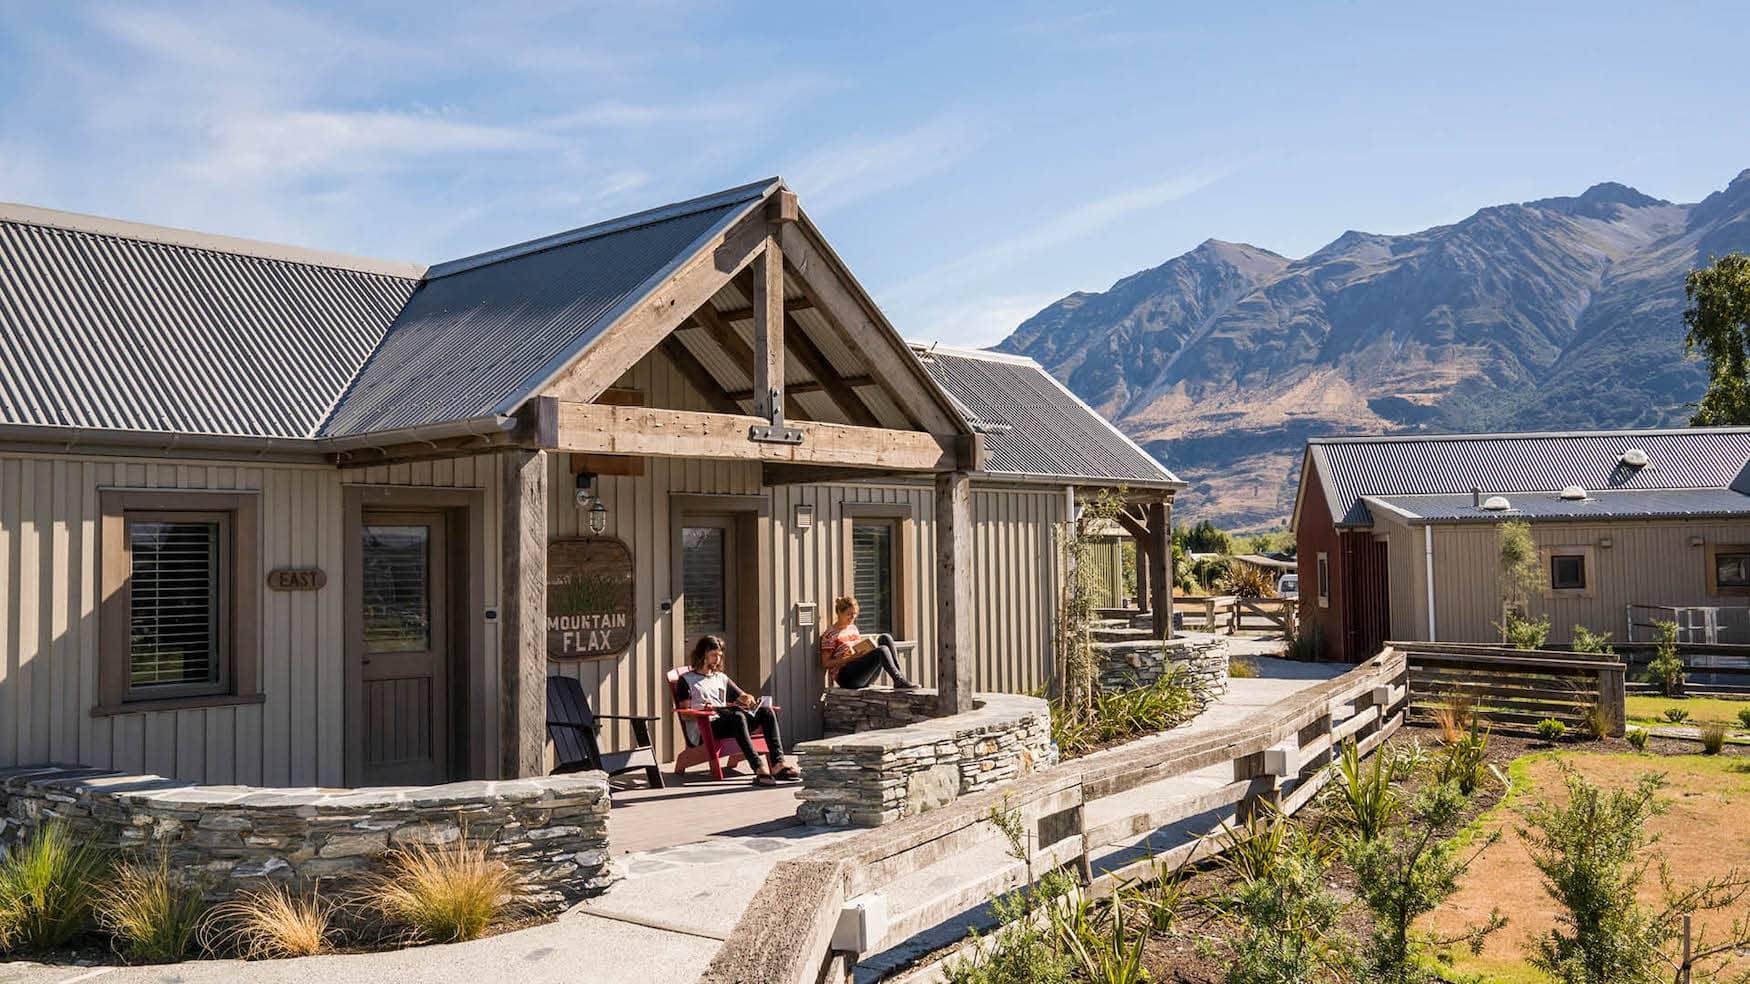 Camp Glenorchy in Neuseeland setzt sich für Umweltschutz und Nachhaltigkeit ein